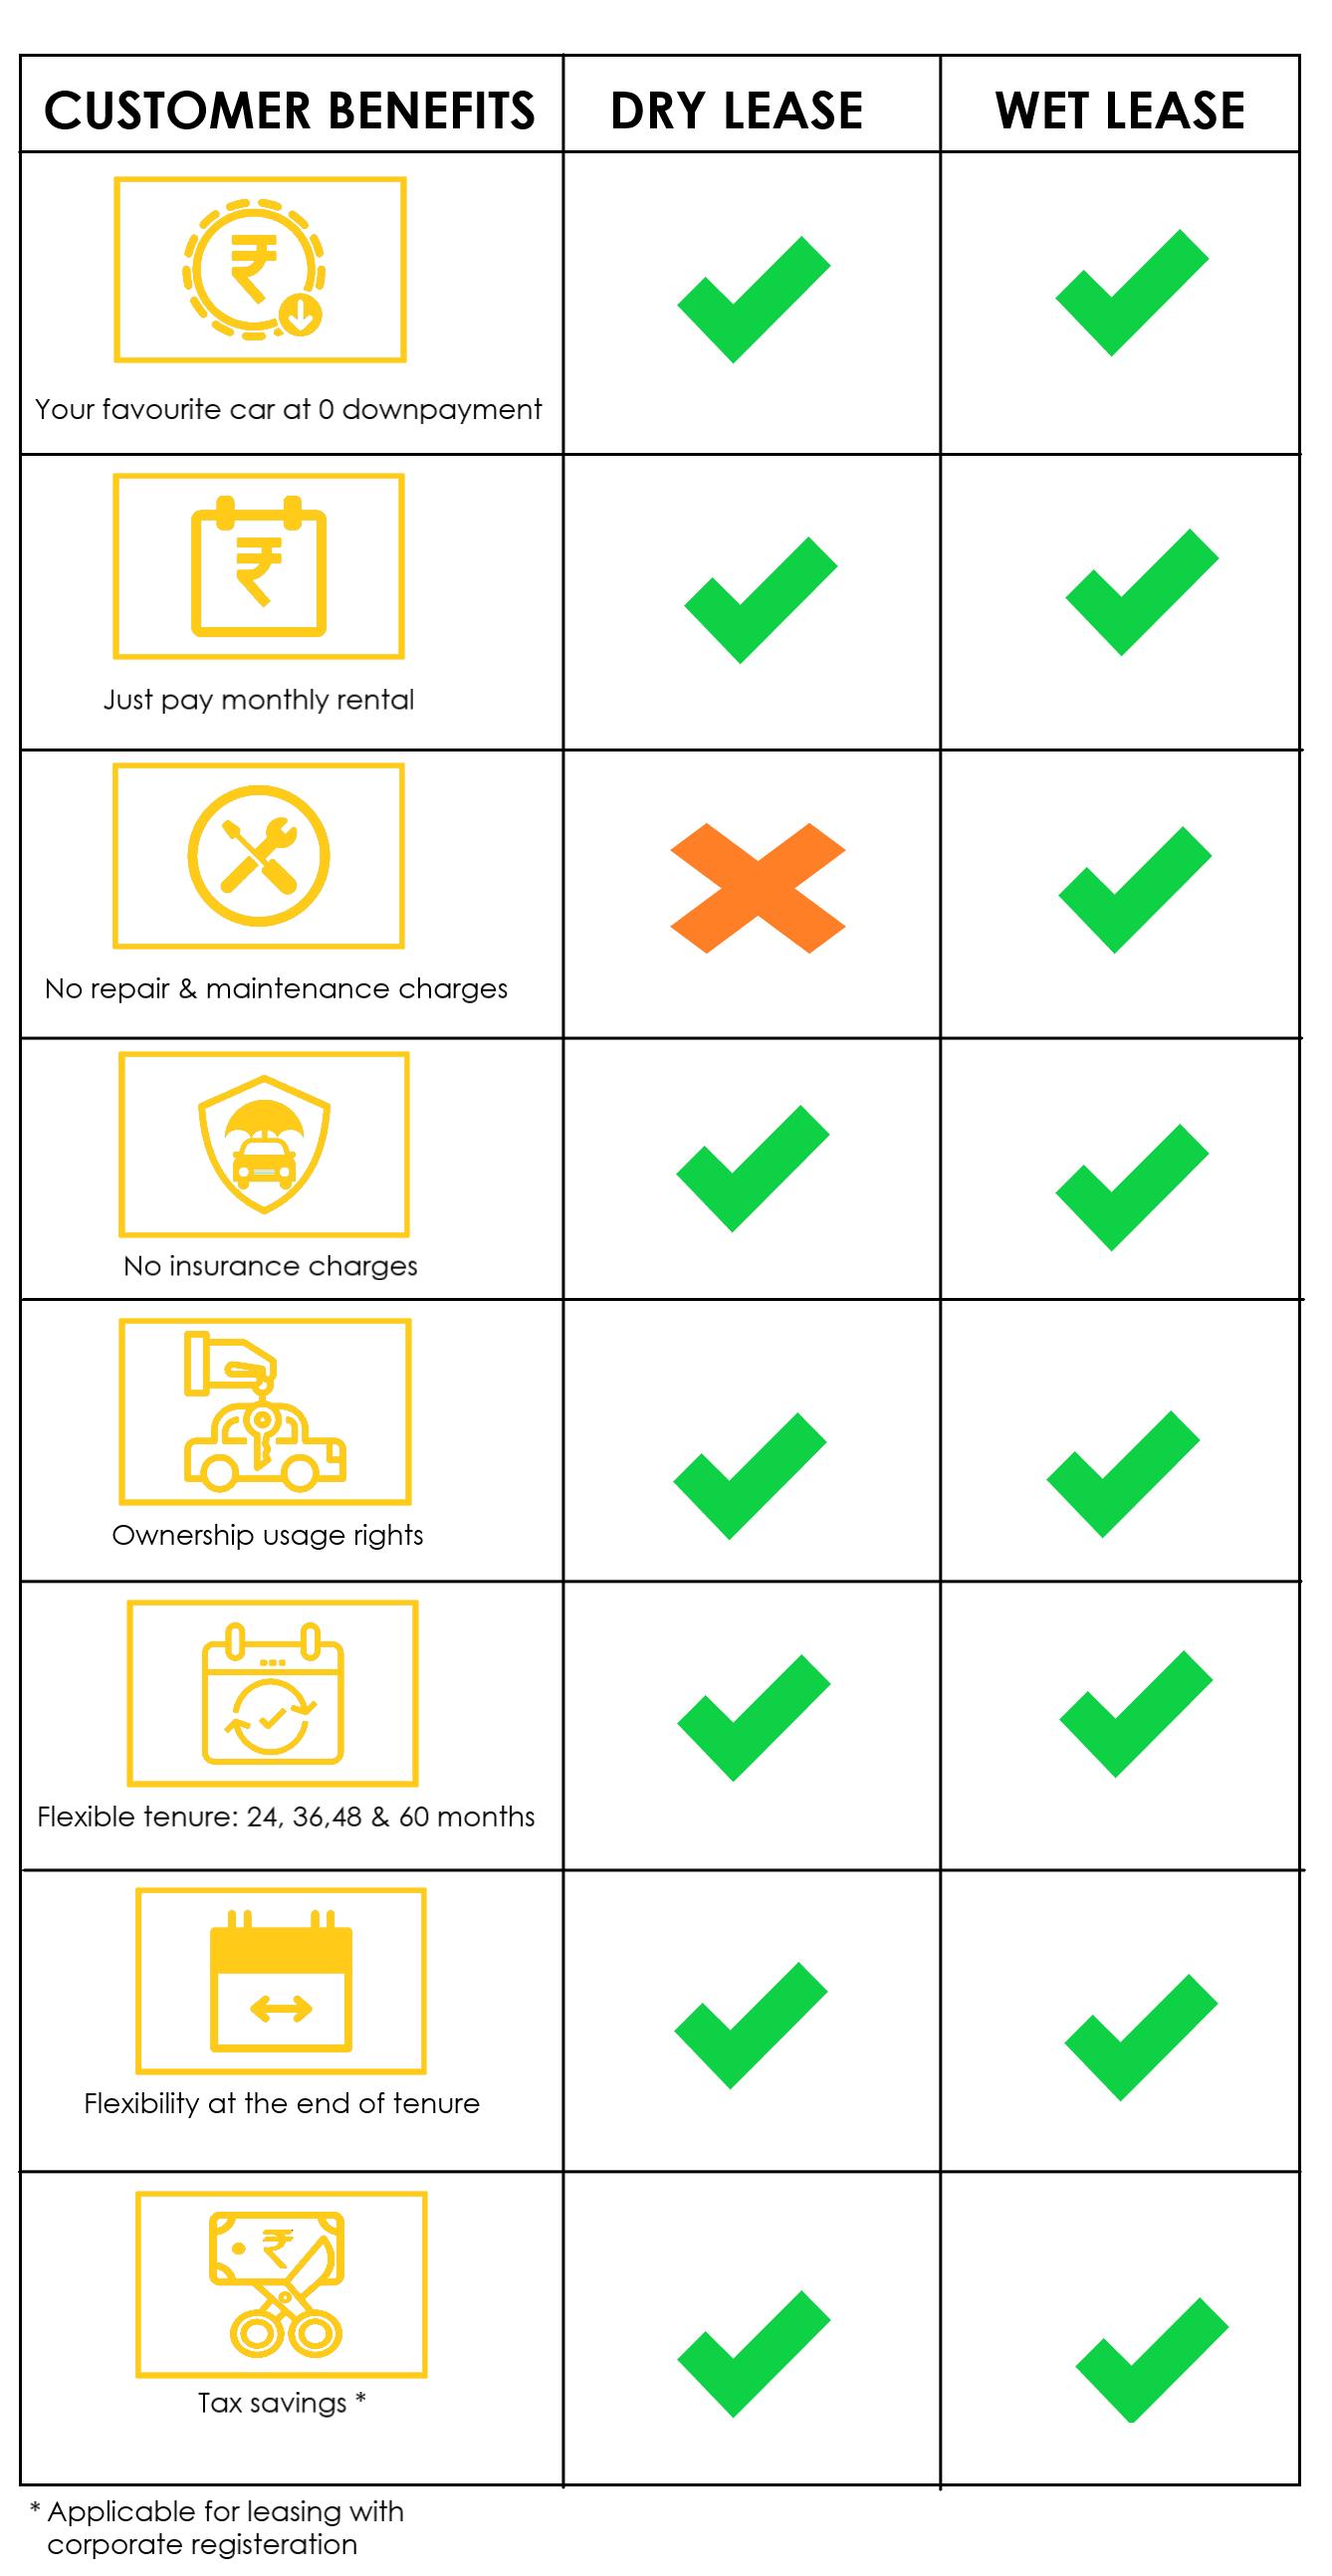 Dry vs Wet Car Leasing Comparison